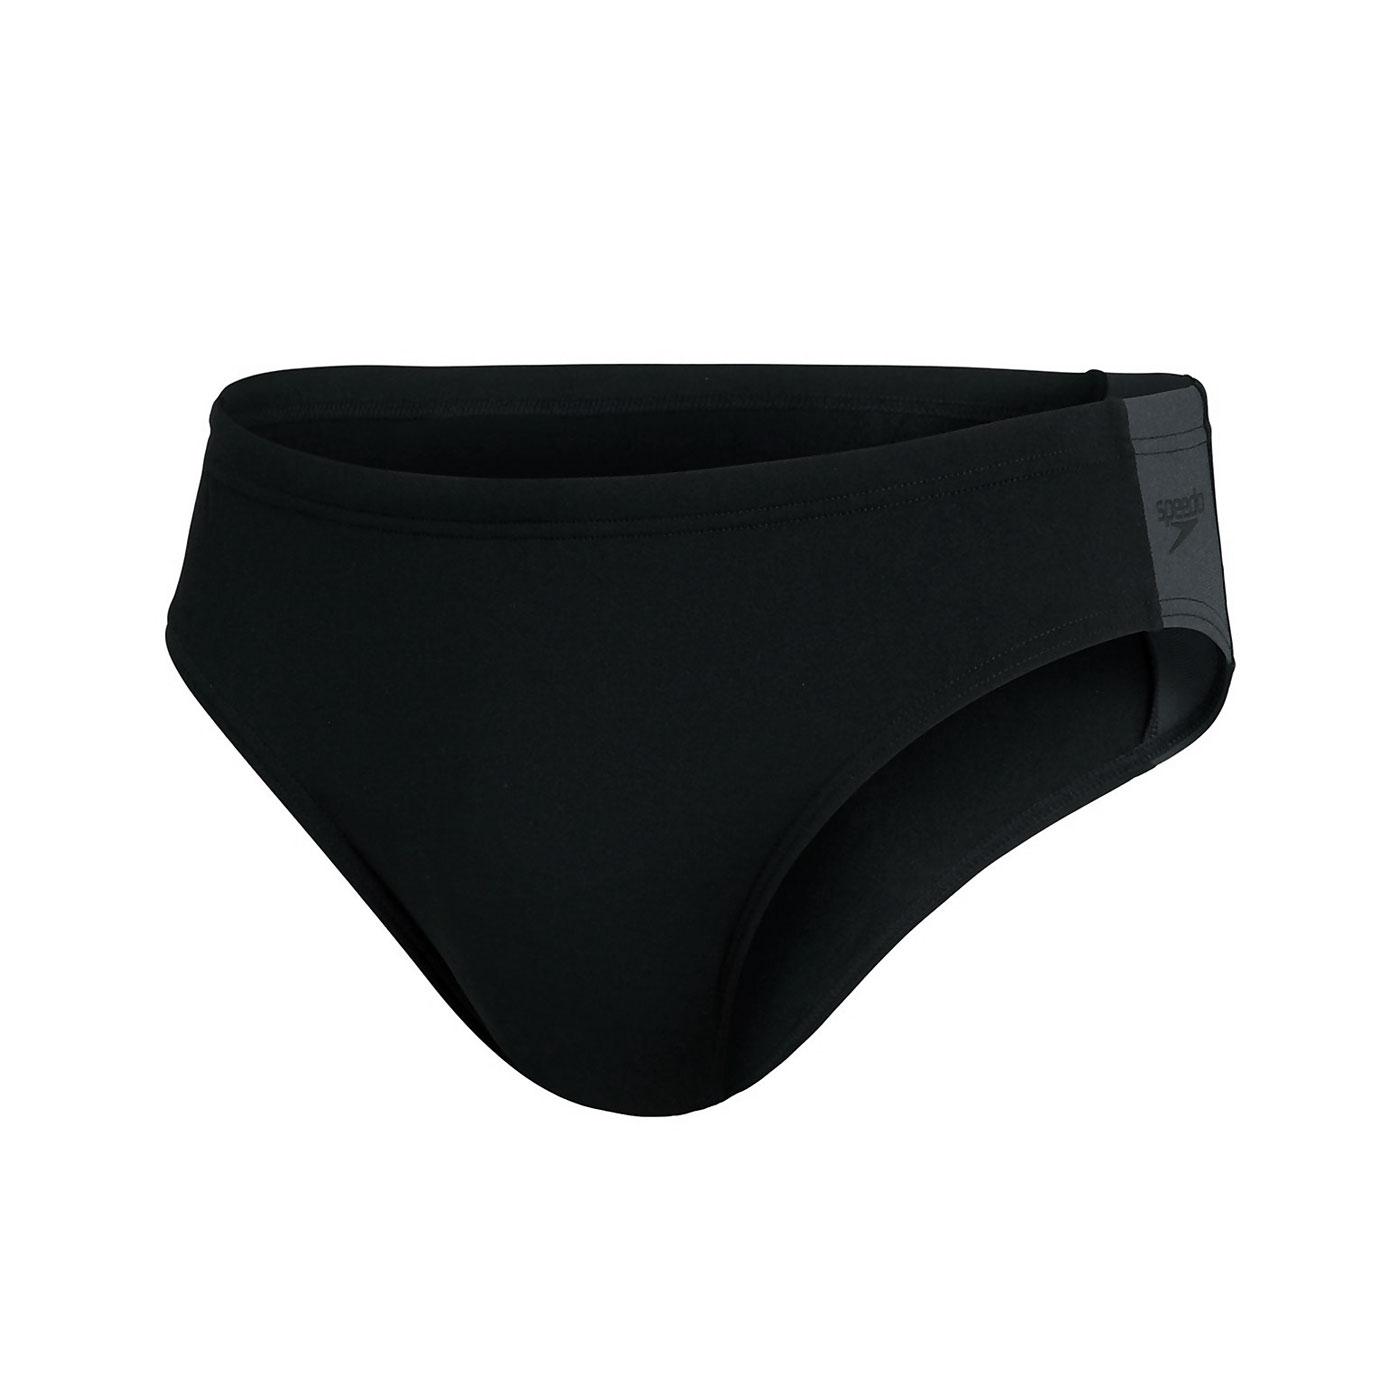 SPEEDO 男運動三角泳褲 SD8128249023 - 黑灰